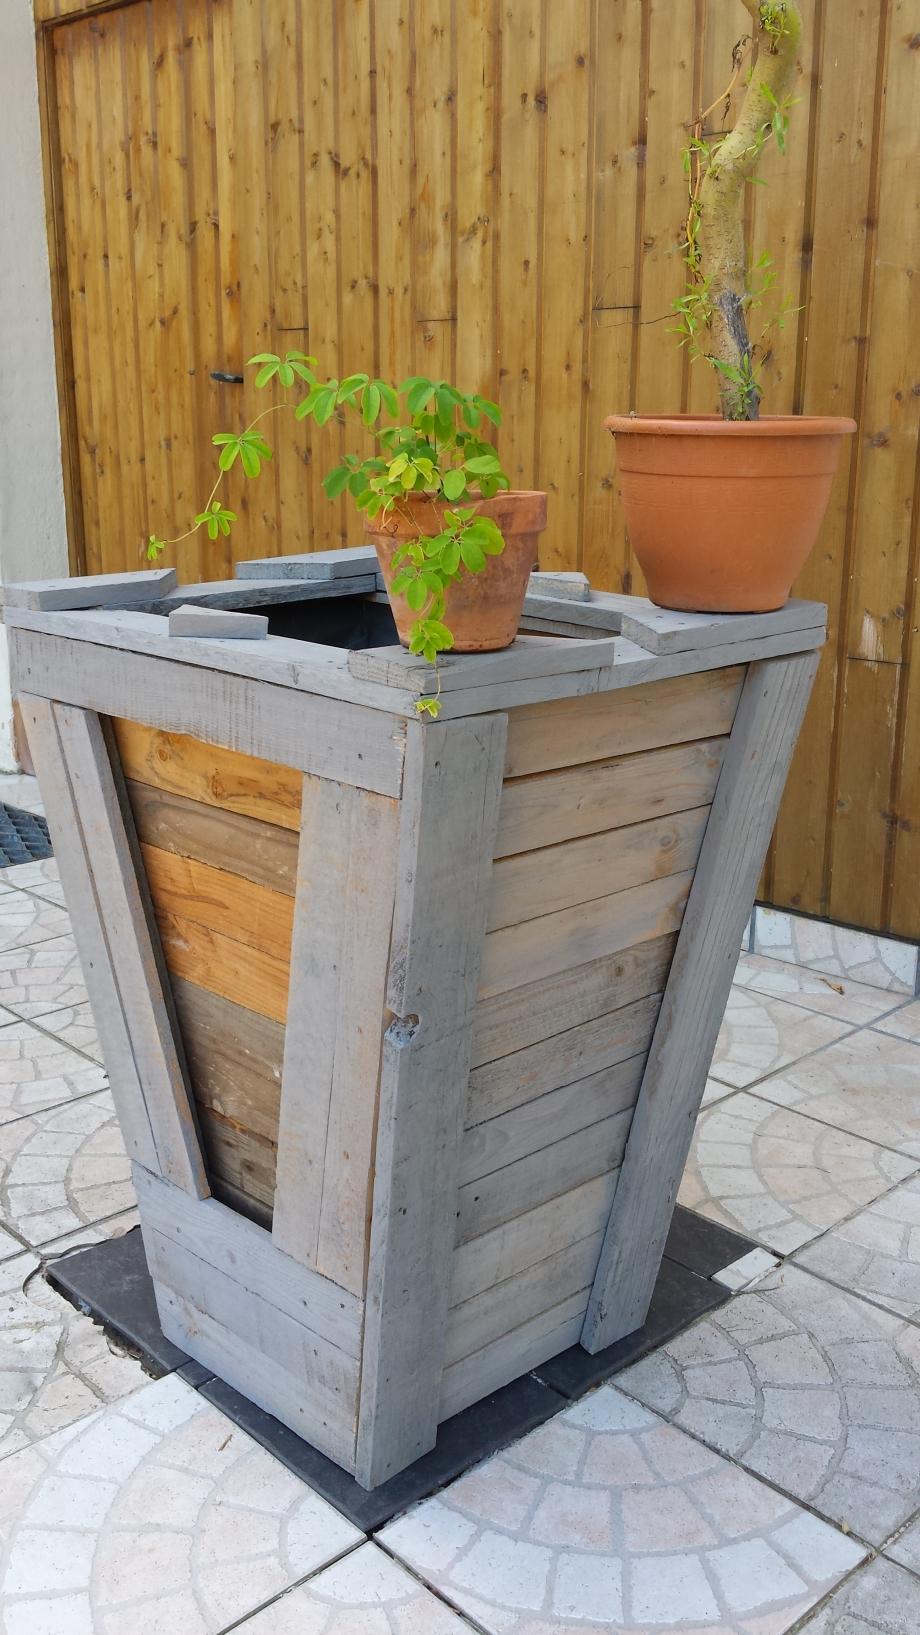 Les jardini res xxl cabane peinture palettes techniques petits bricolages - Jardiniere xxl ...